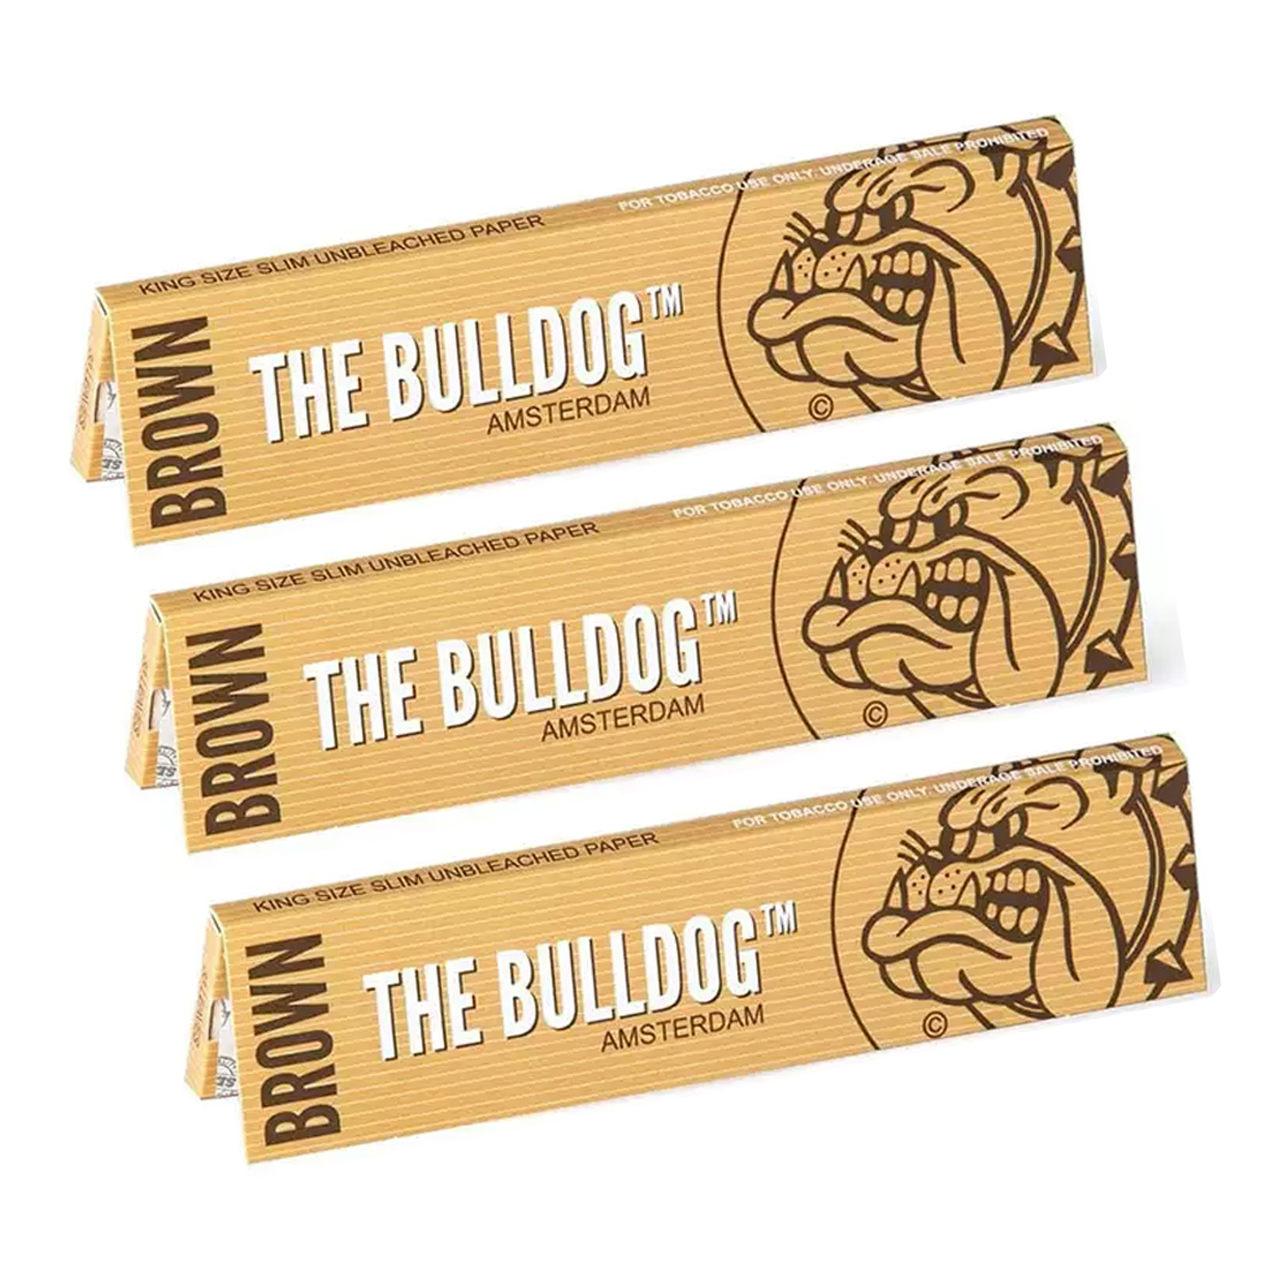 Kit The Bulldog Amsterdam Premium - PRATA